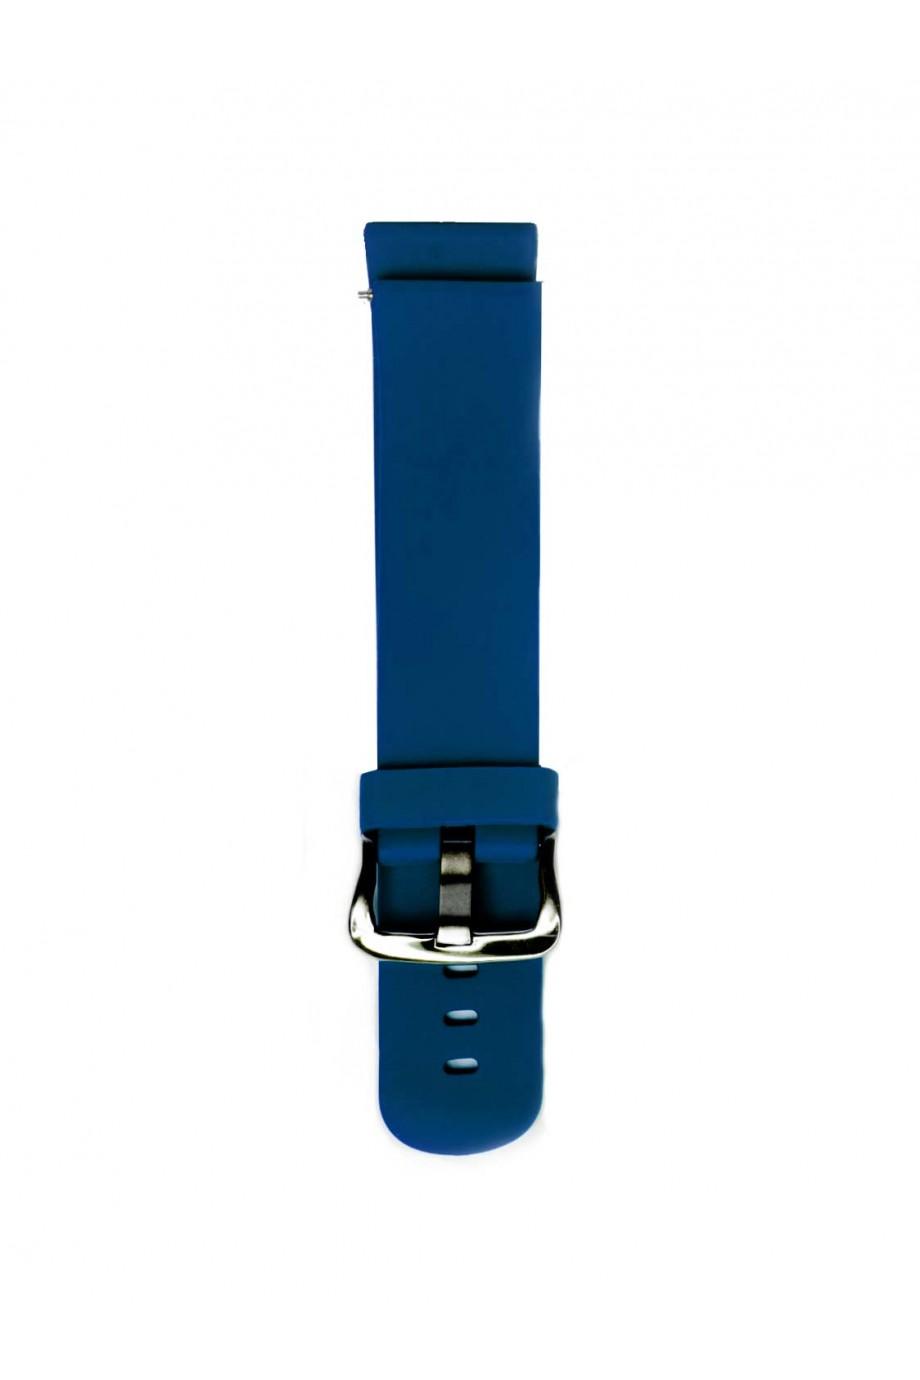 Силиконовый ремешок для Amazfit Stratos, 22 мм, темно-синий, mc-03